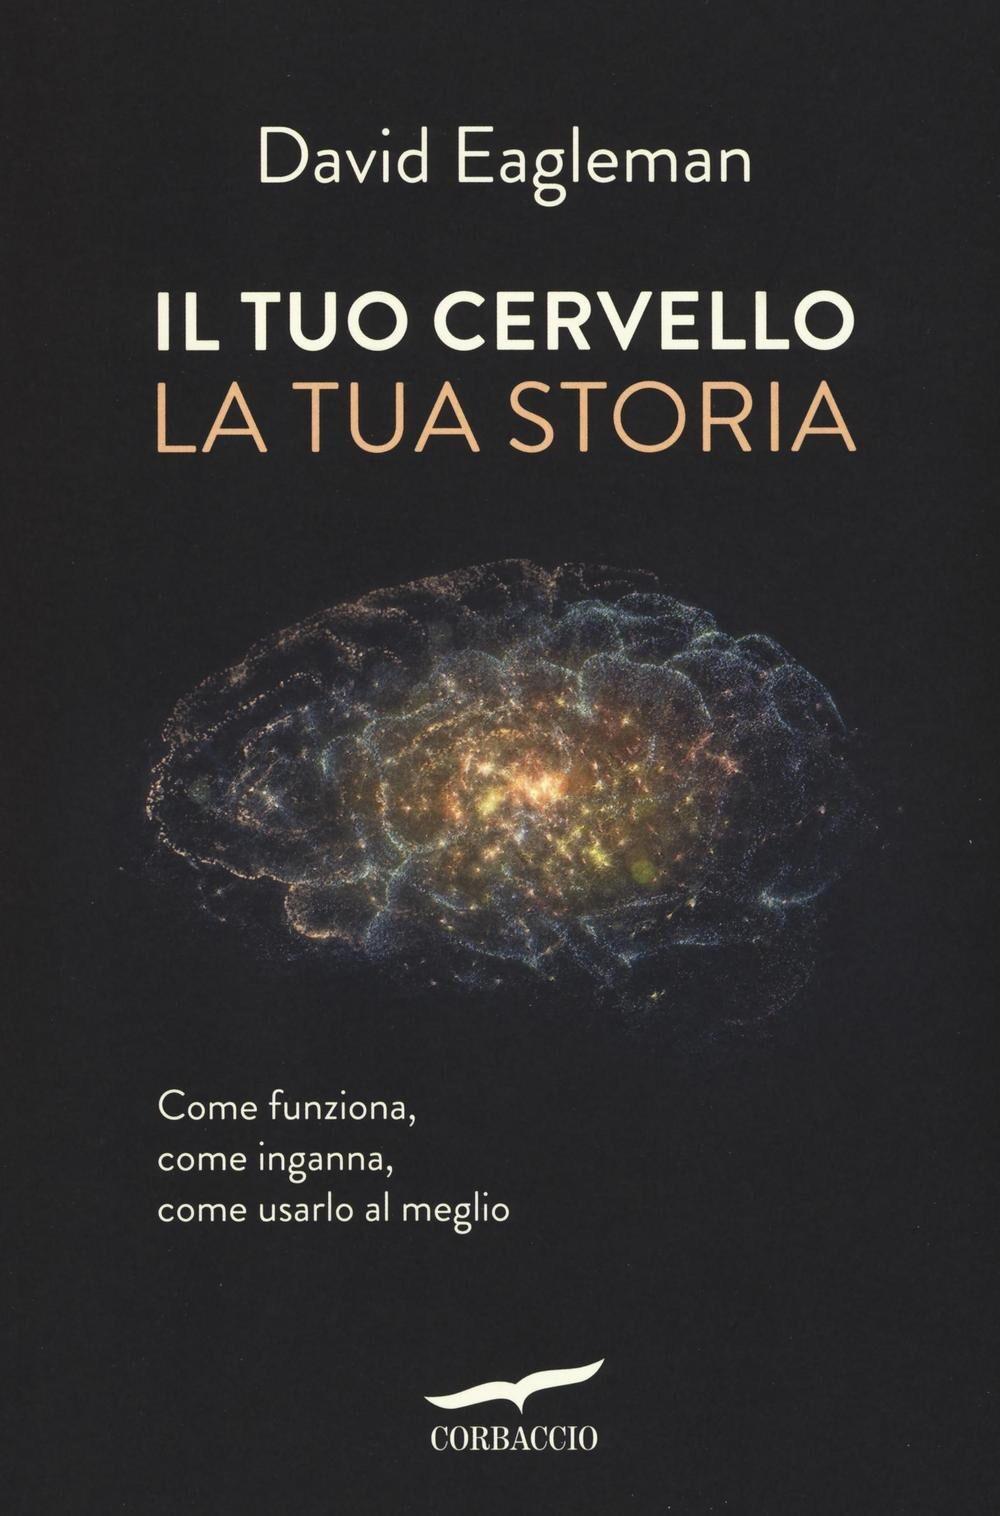 Il tuo cervello la tua storia – David Eagleman